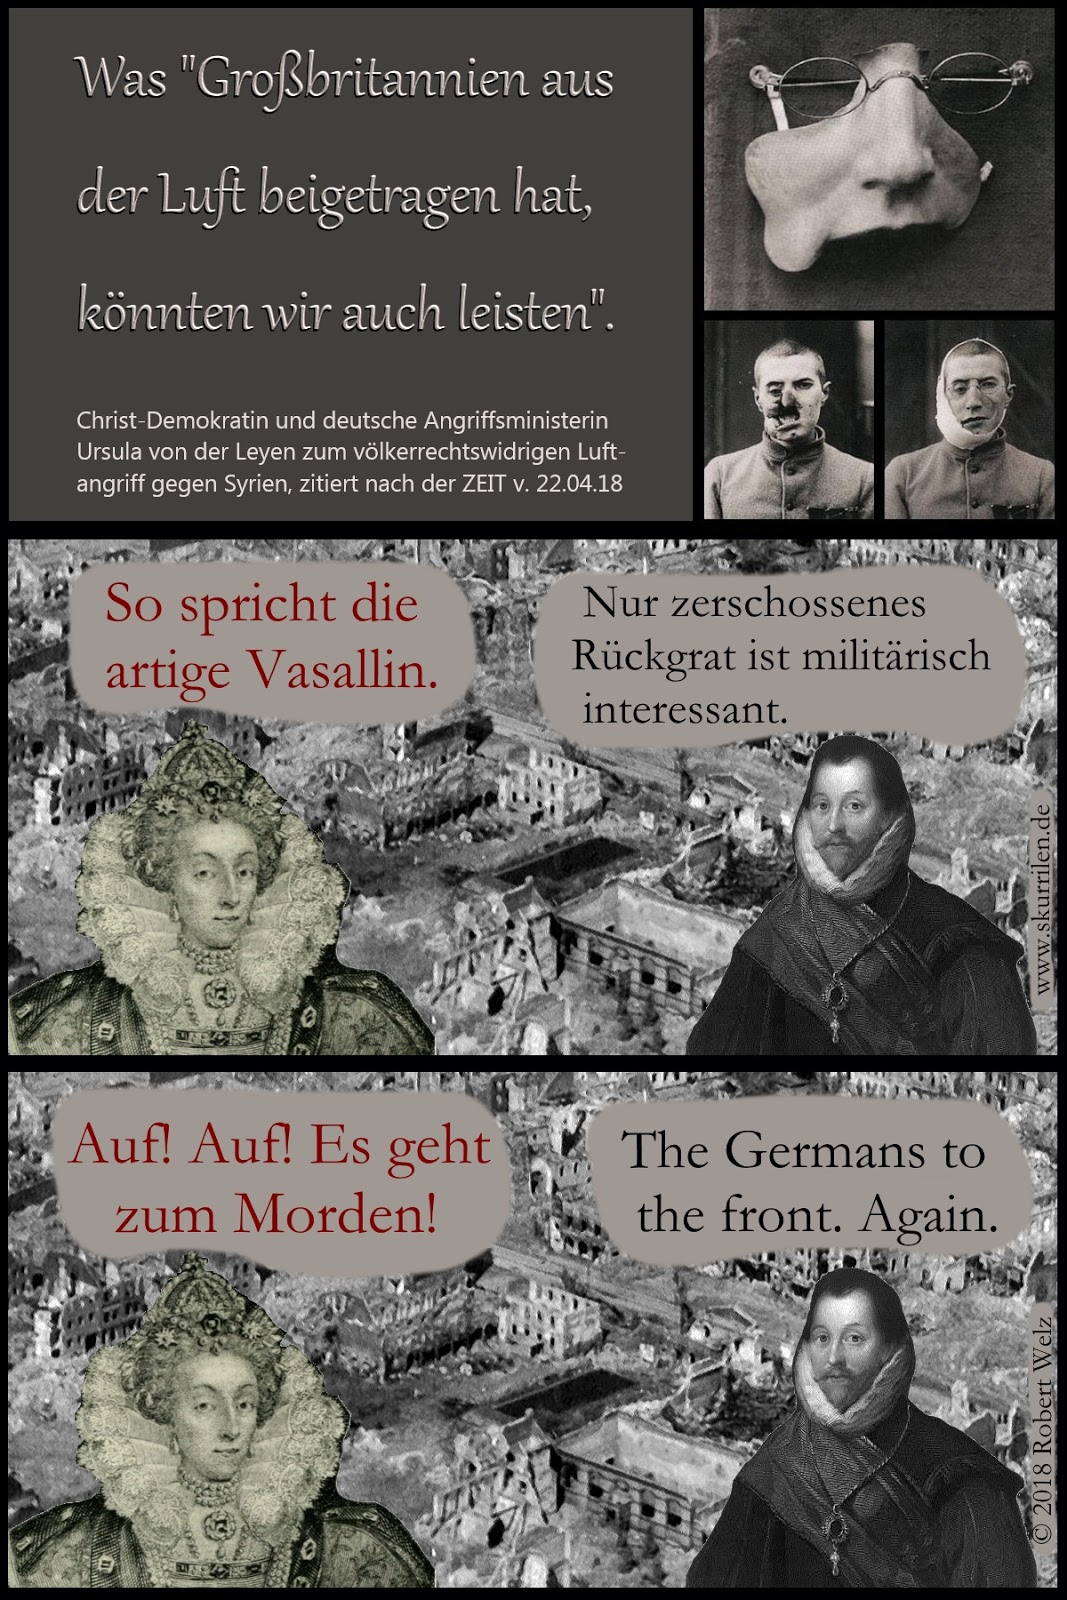 Völkerrecht, Syrien, Verbrechen, Angriffskrieg, Verteidigungsministerin, Ursula von der Leyen, CDU, Grundgesetz, Vasallentreue